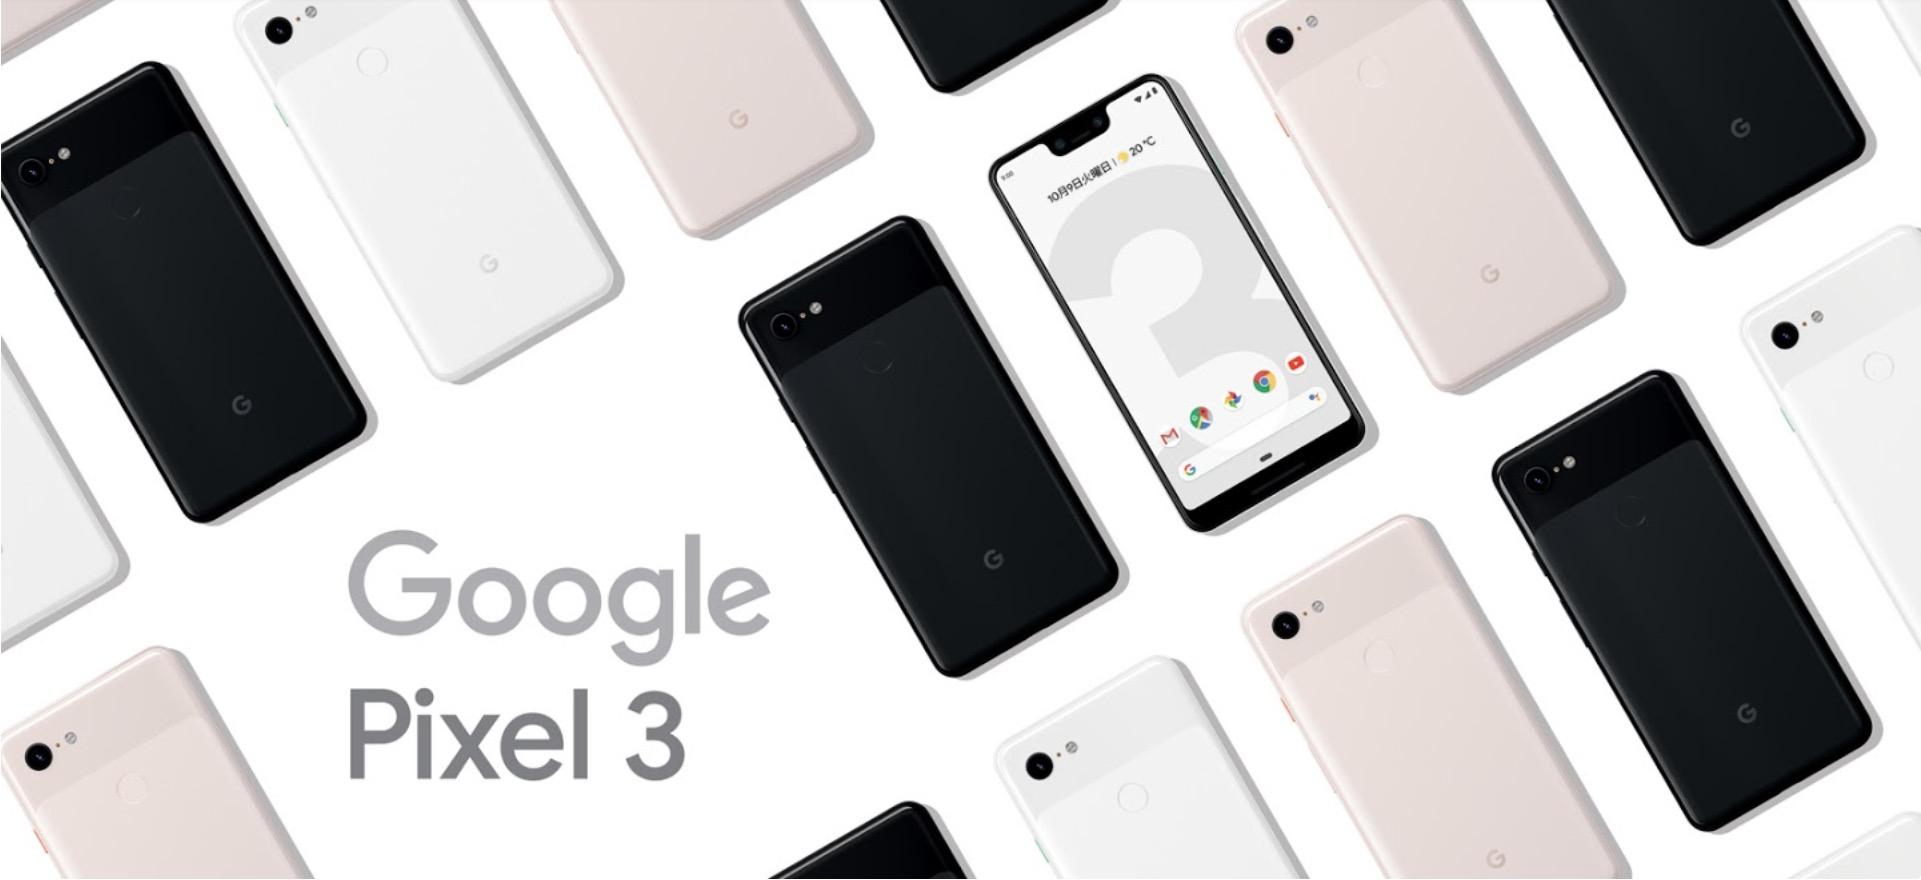 Pixel 3 / Pixel 3 XLの予約受付スタート